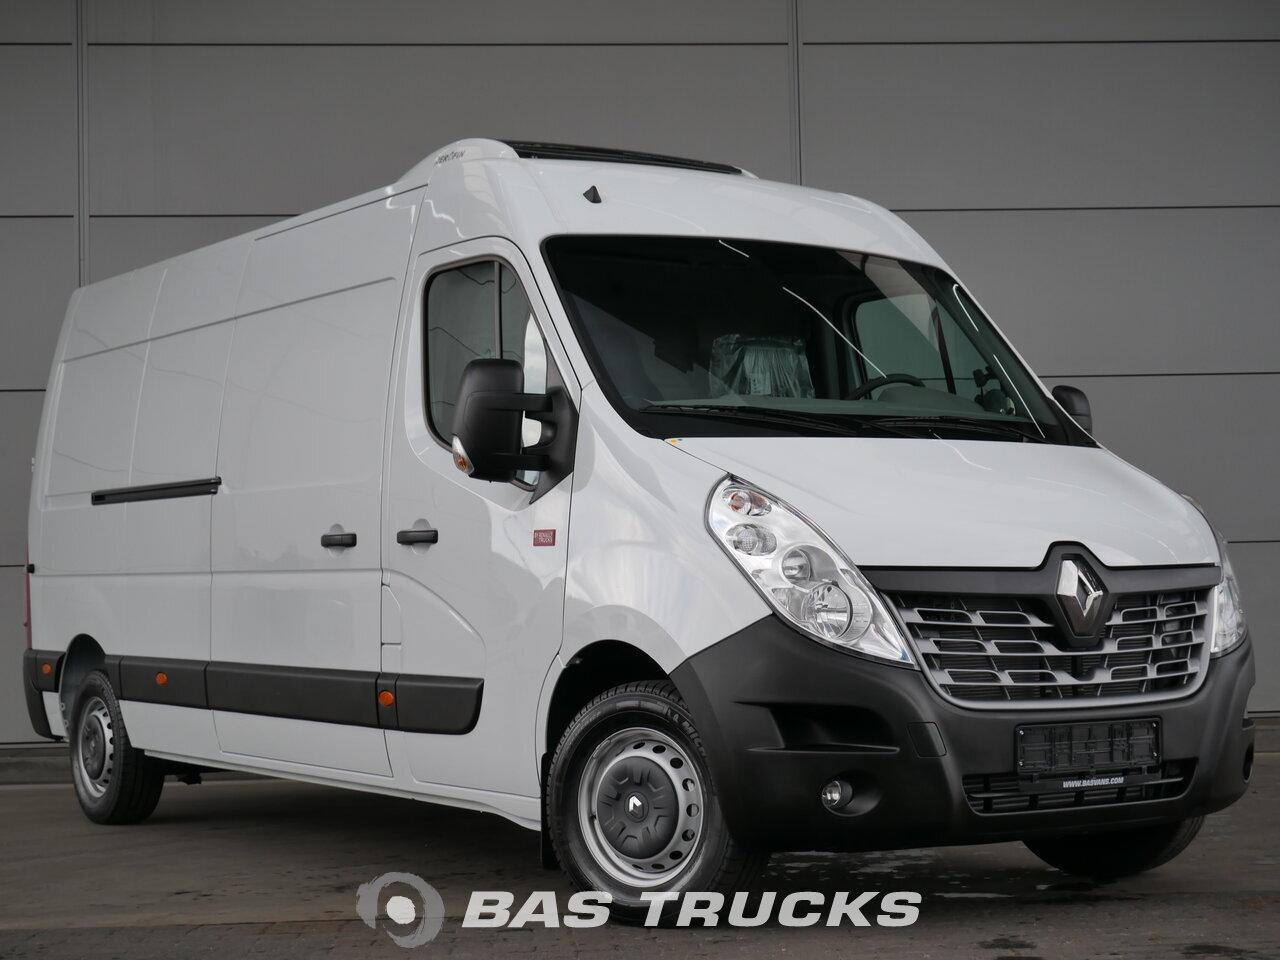 renault master lcv 29400 bas trucks. Black Bedroom Furniture Sets. Home Design Ideas